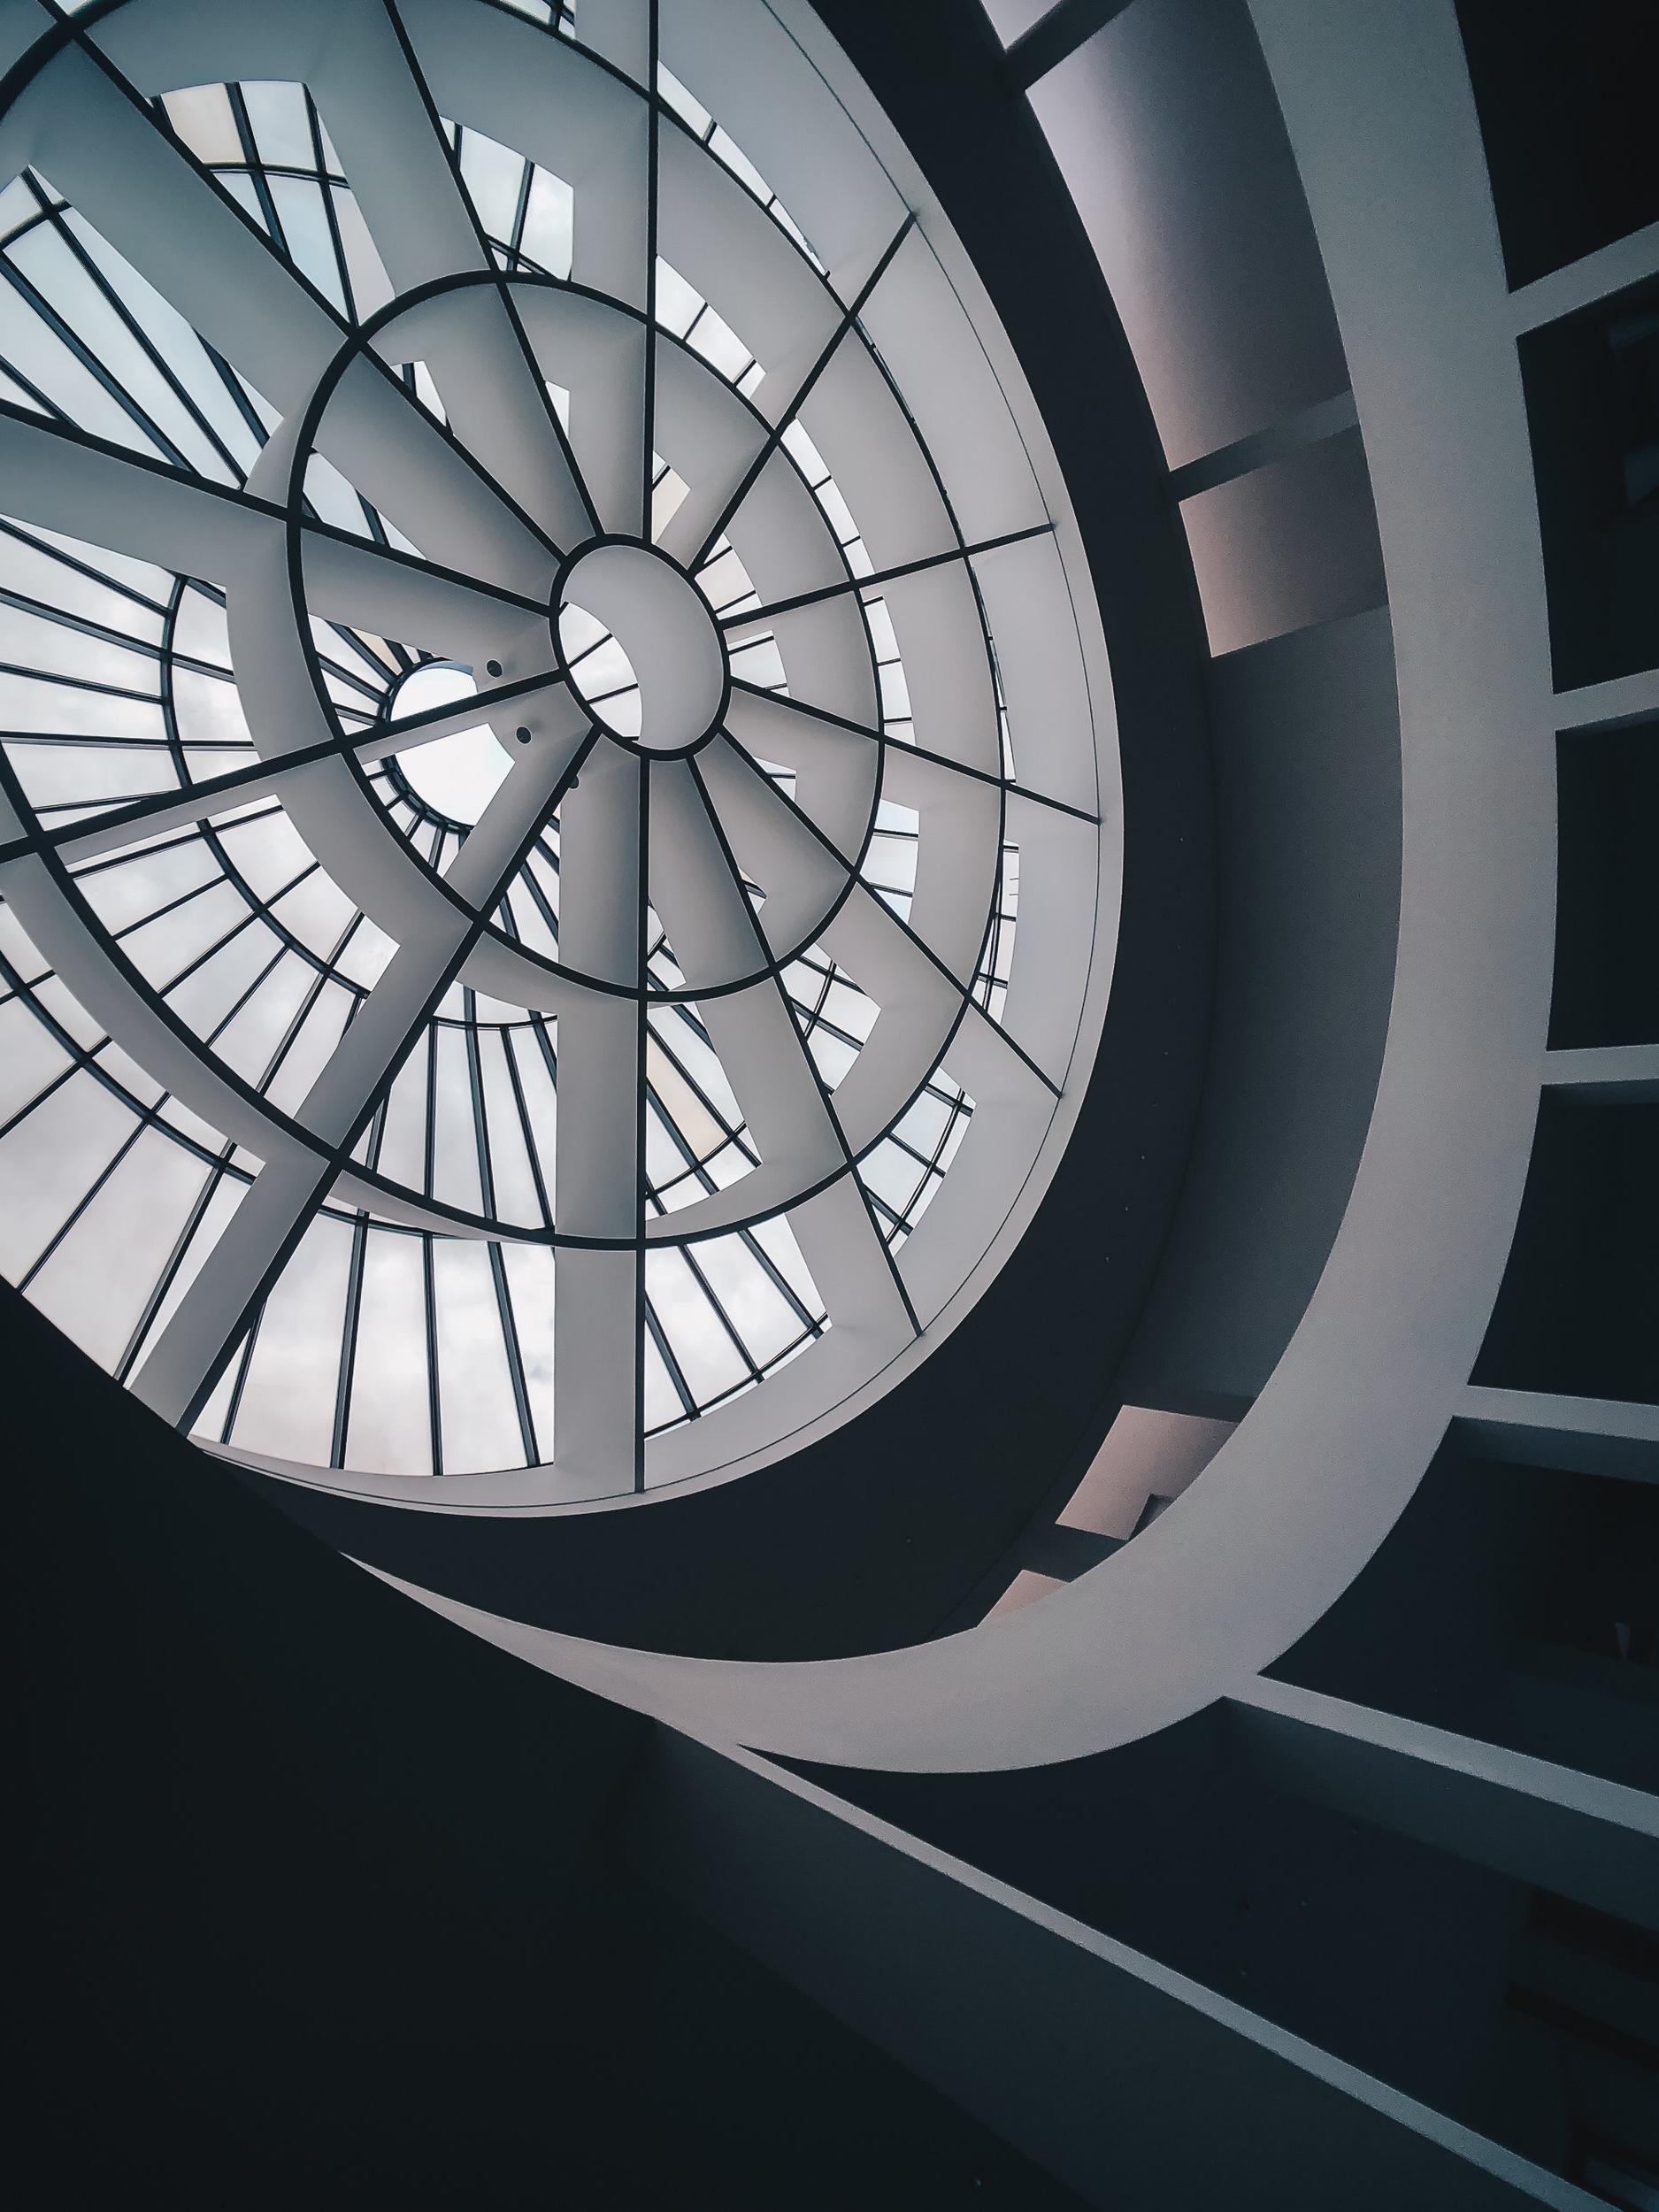 現代藝術陳列館 Pinakothek der Moderne